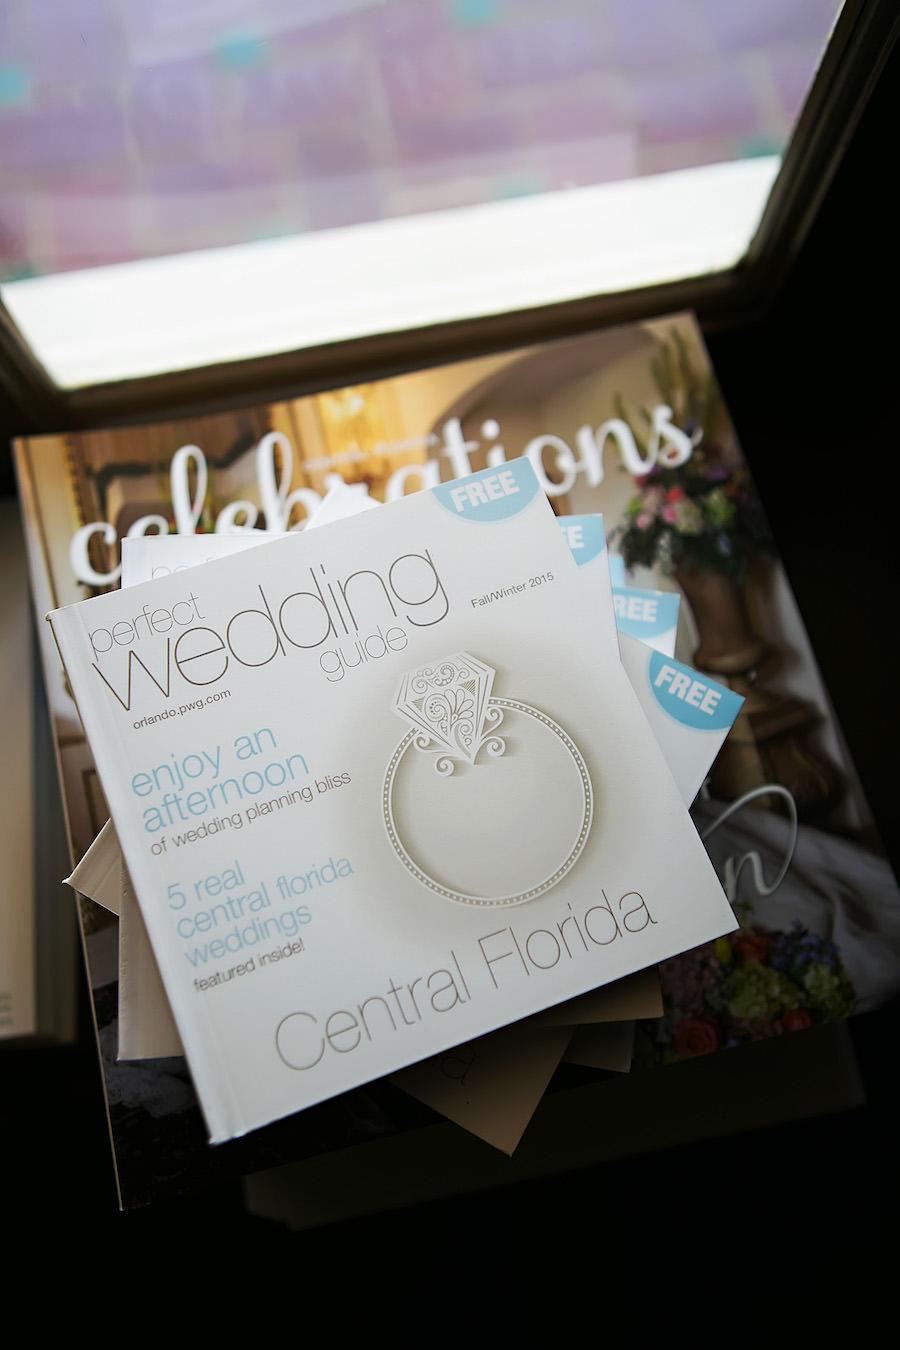 Central Florida Orlando Perfect Wedding Guide